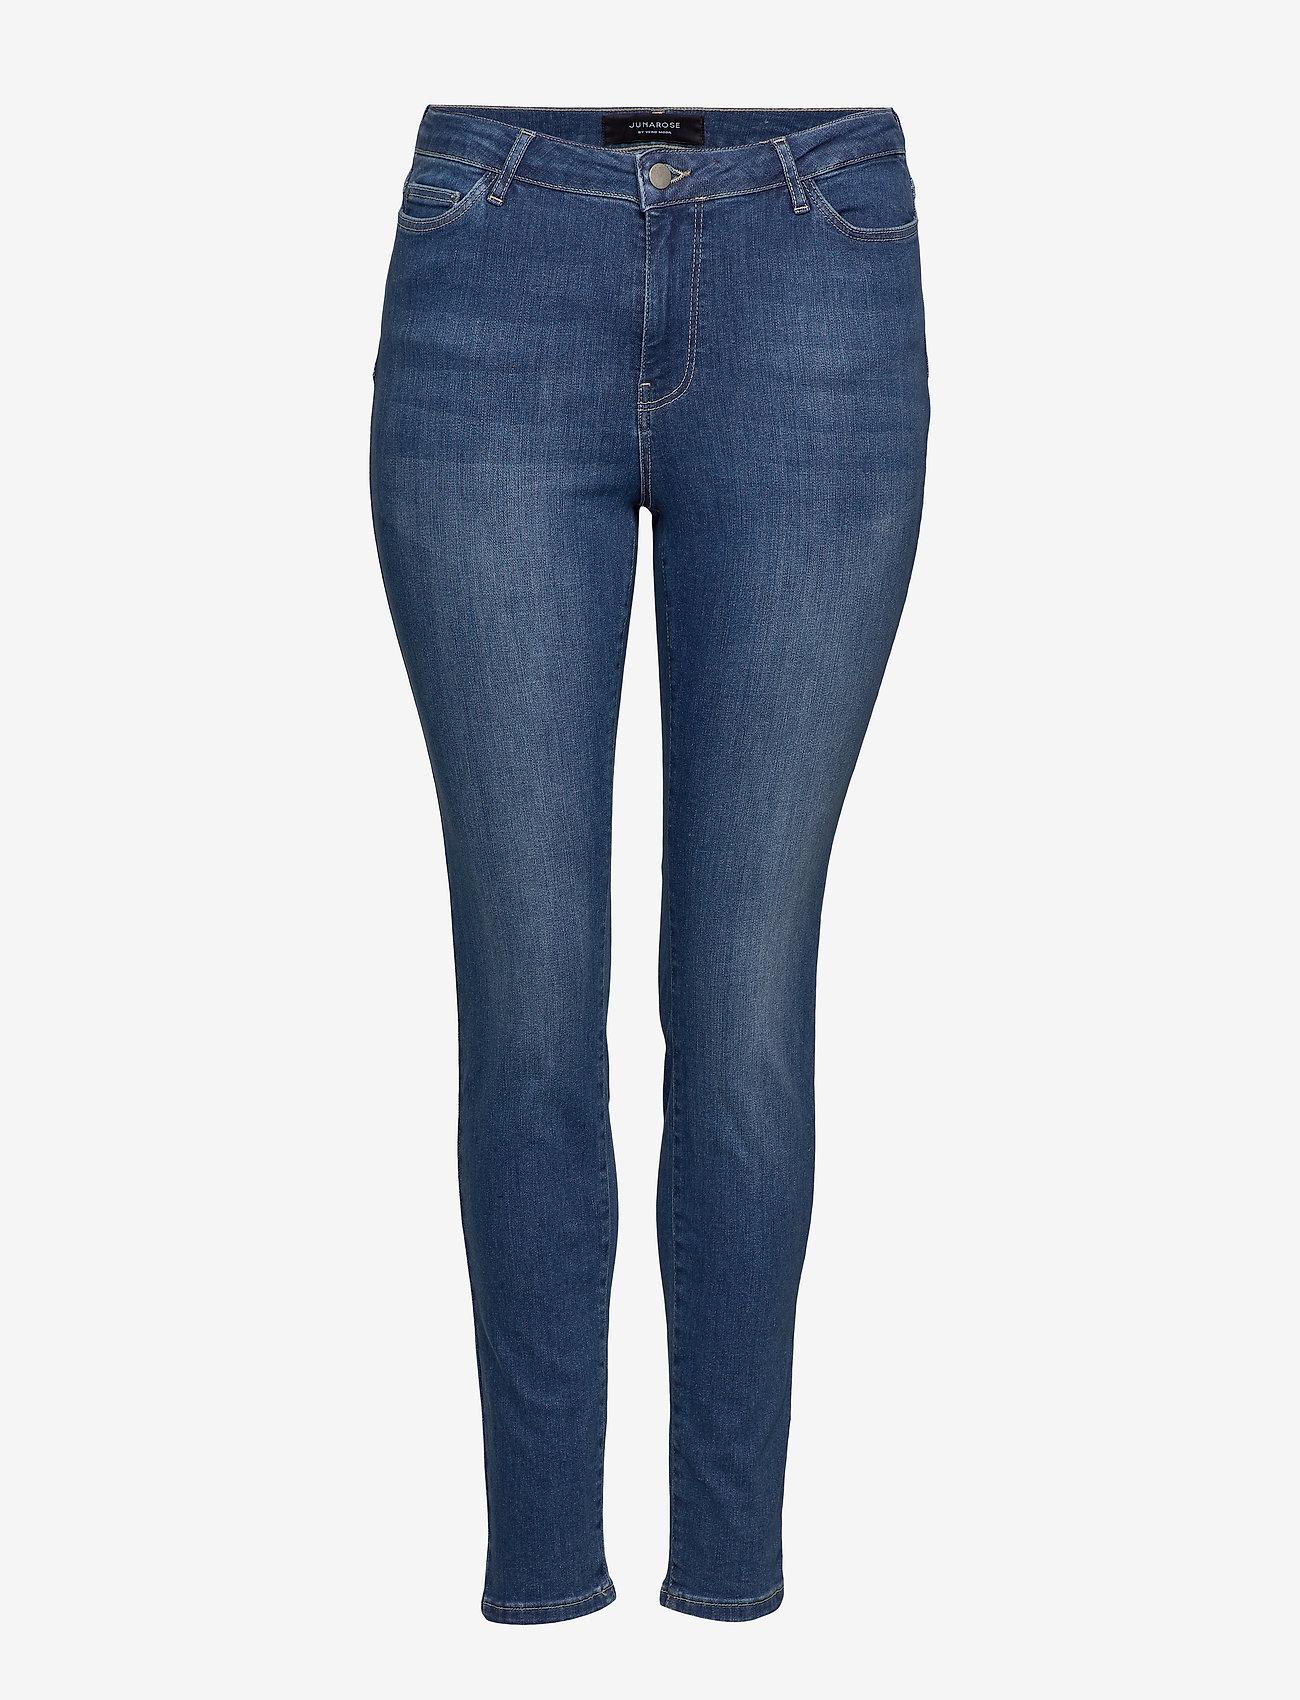 JunaRose - JRFOUR SHAPE NW MED. BLUE JEANS - K NOOS - skinny jeans - medium blue denim - 0